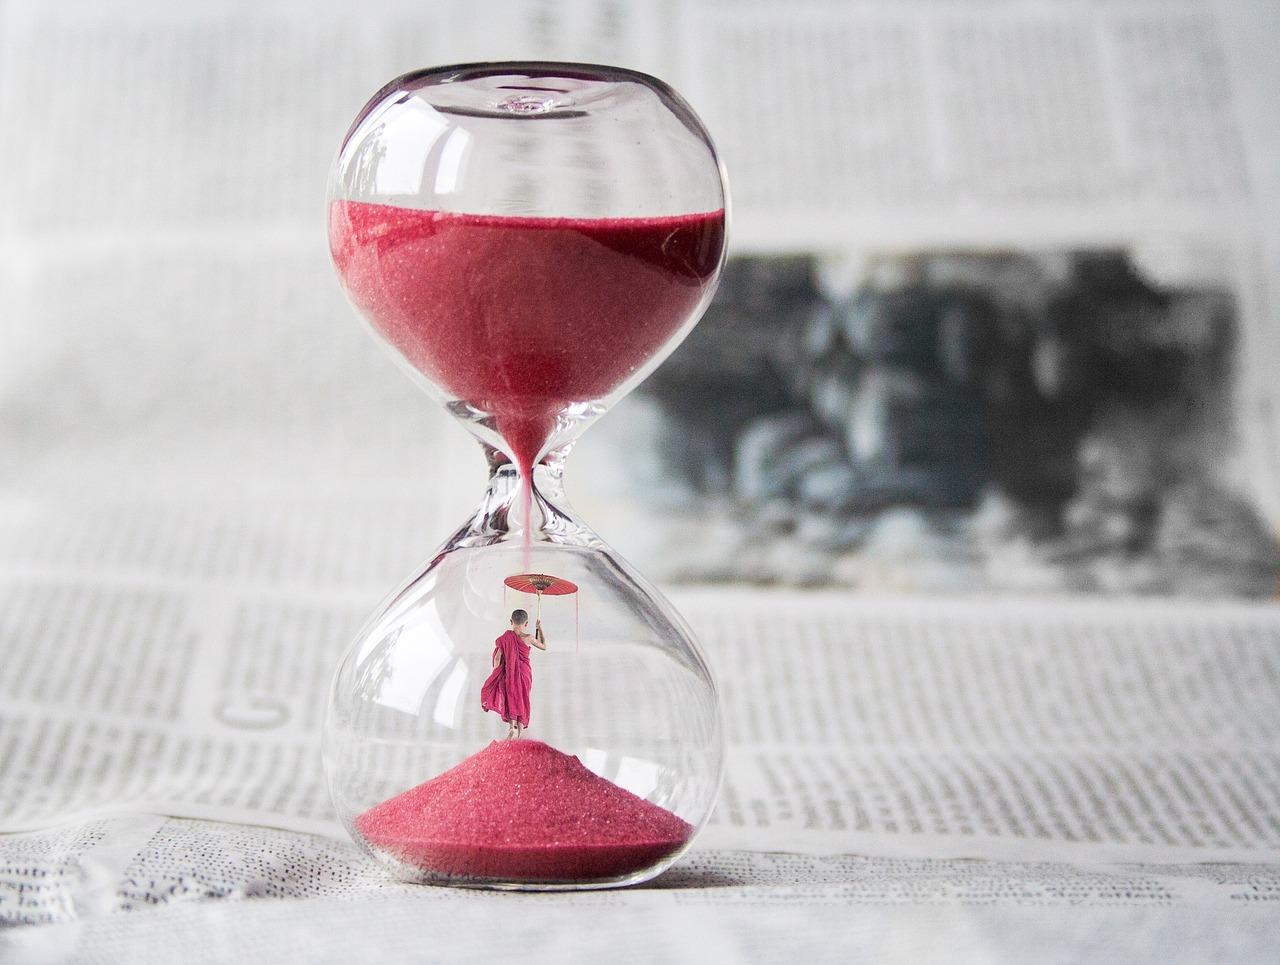 第二新卒の転職に最適な時期はいつ?採用の傾向や第二新卒の弱点